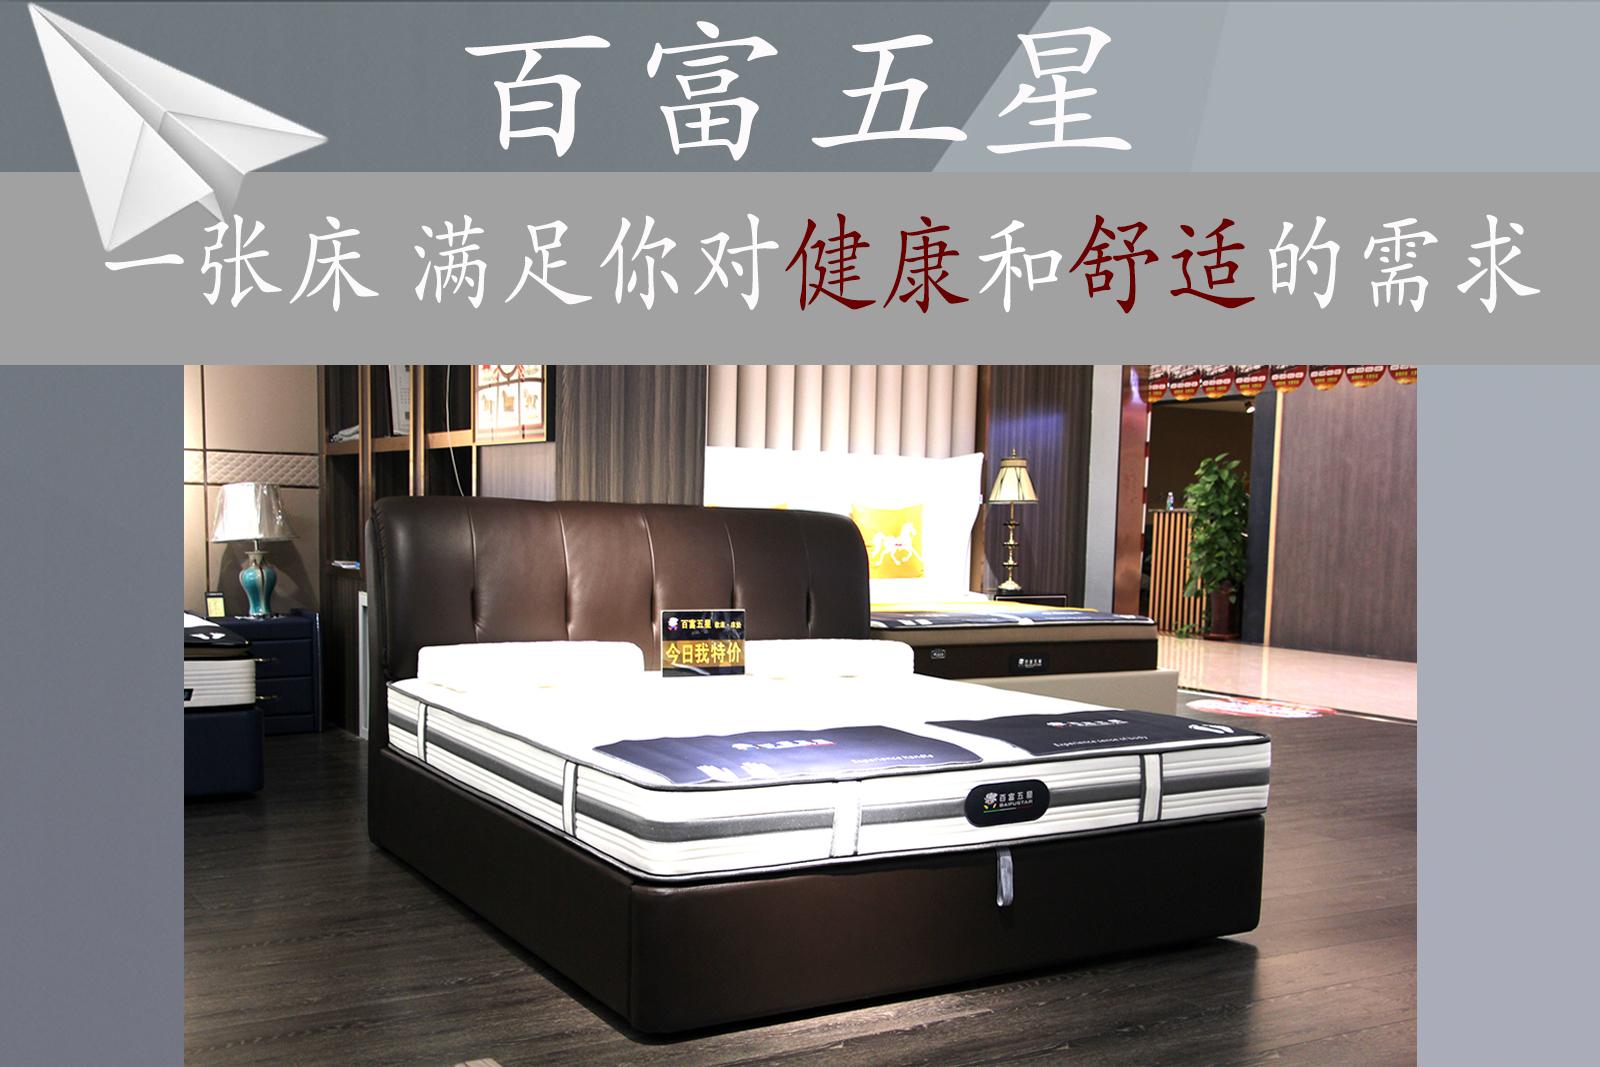 百富五星床垫 满足你对健康和舒适的需求